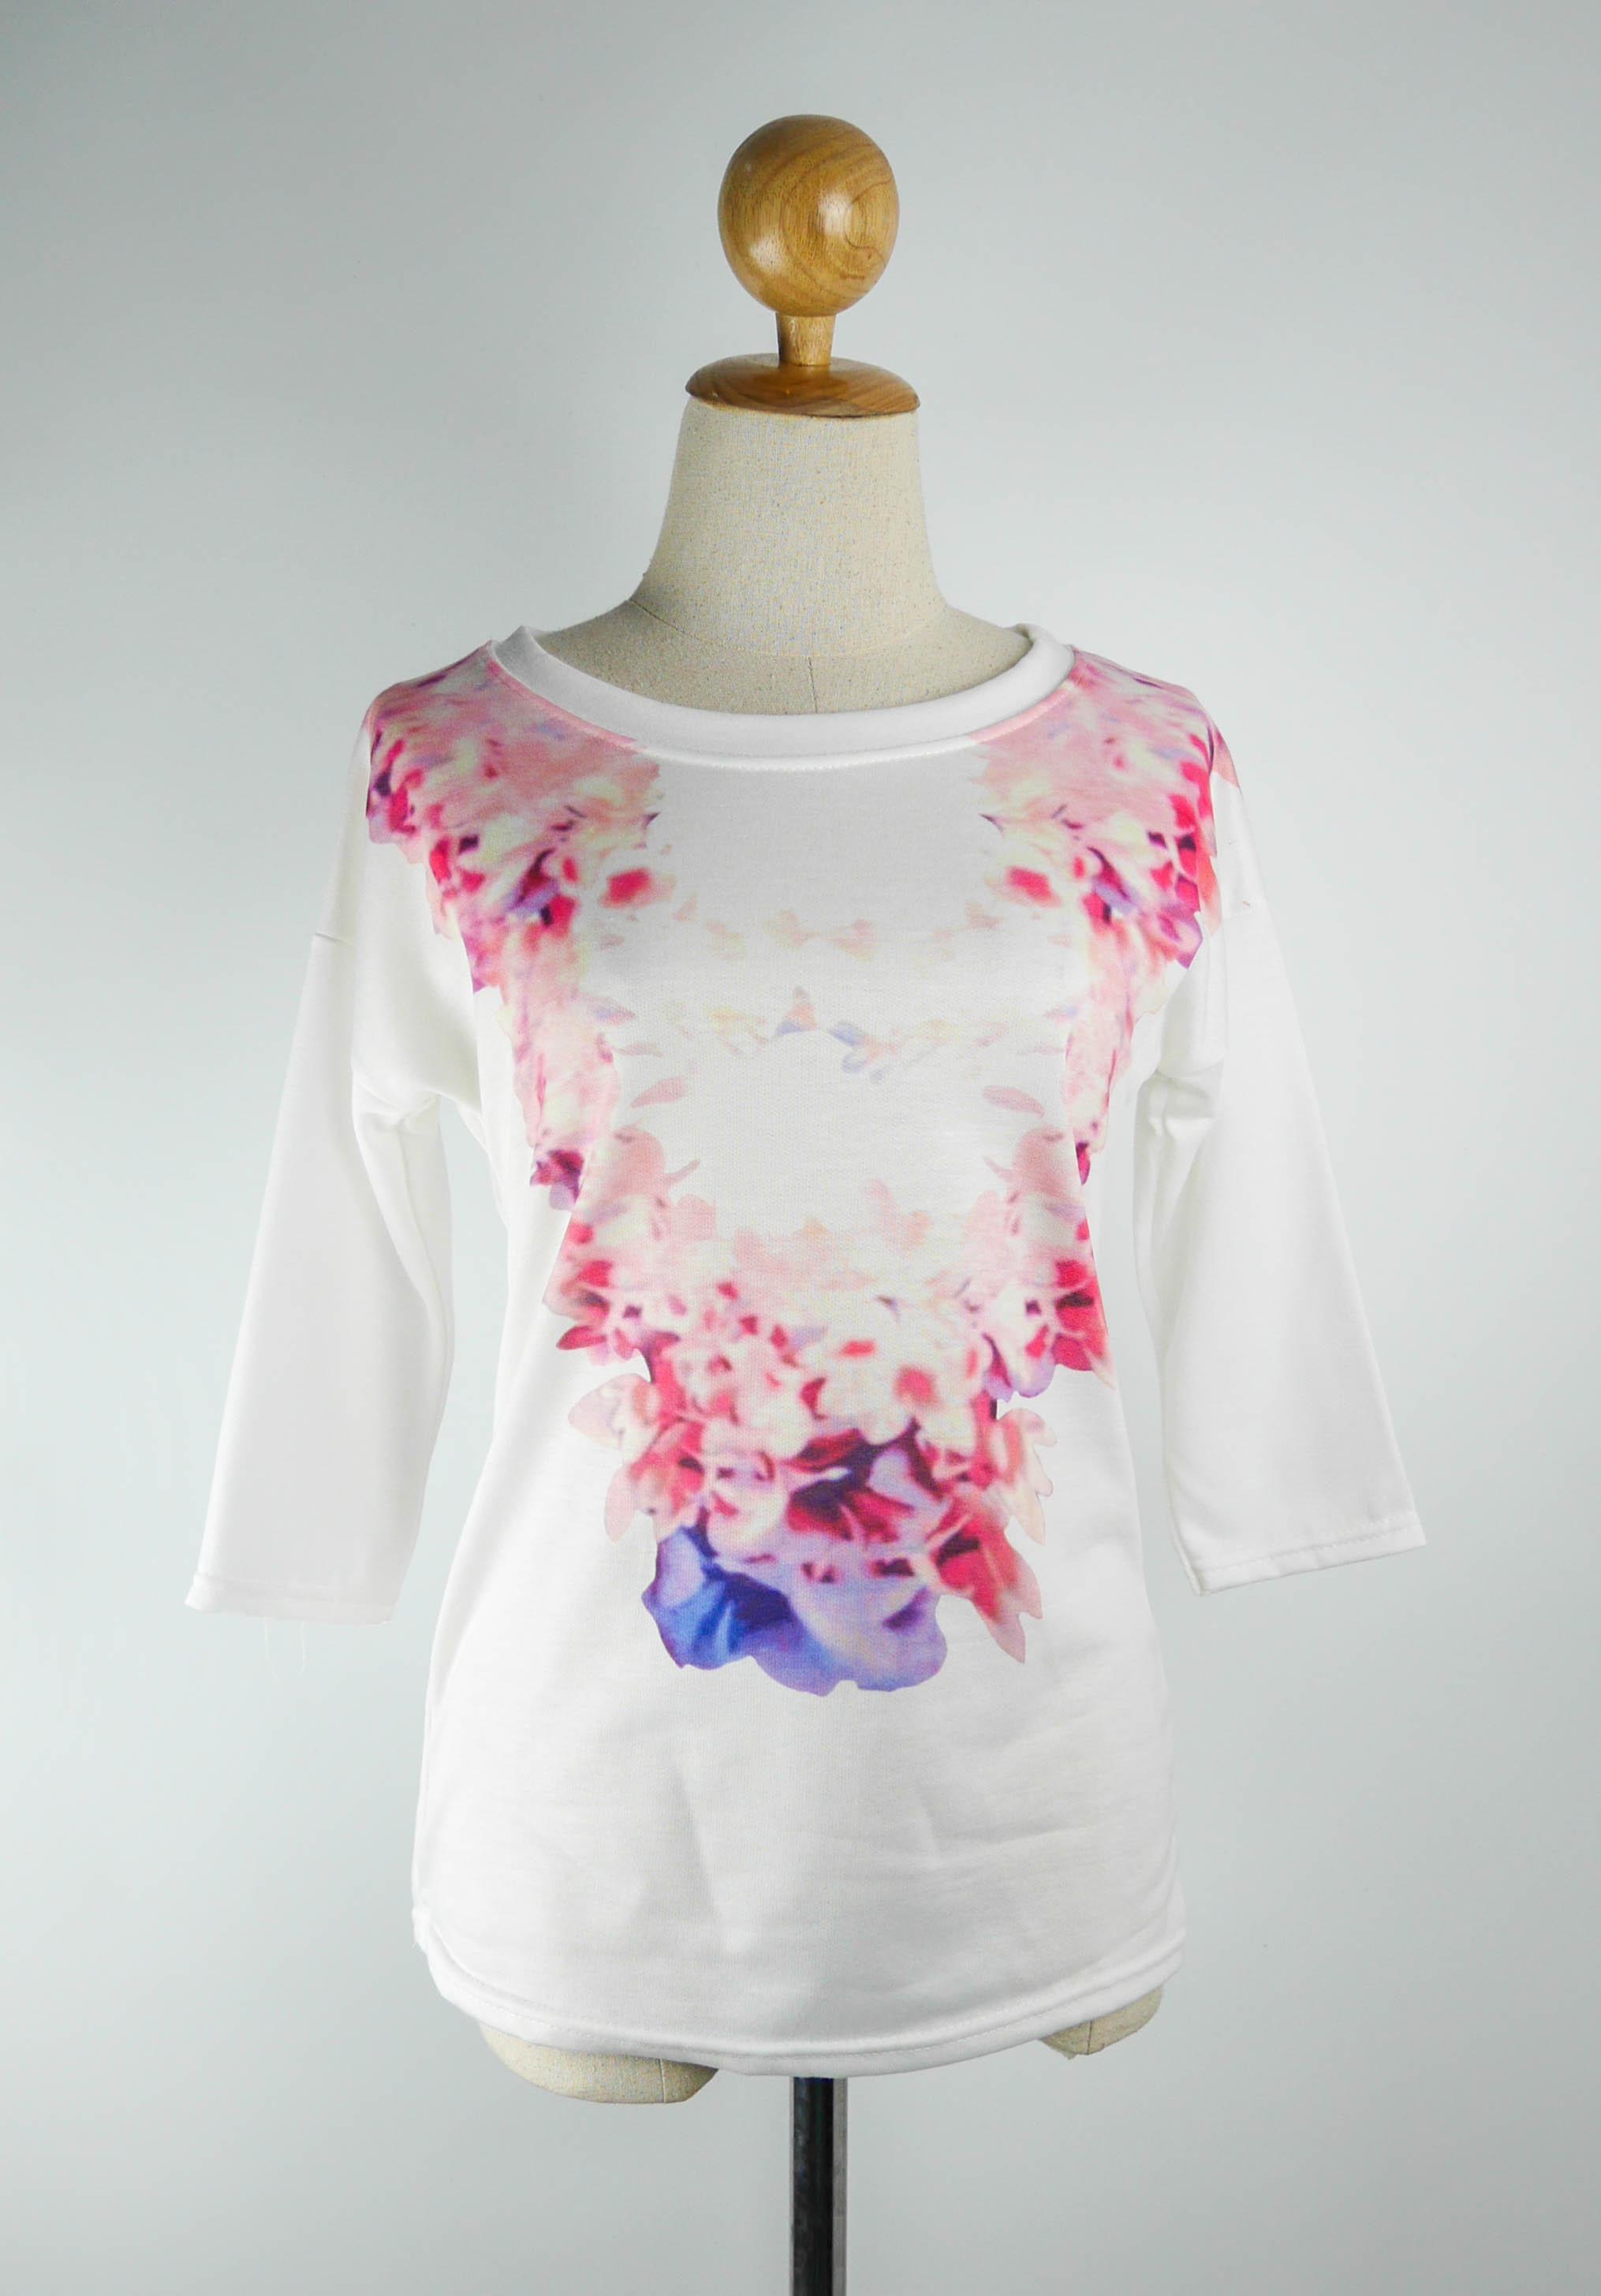 เสื้อยืดแฟชั่น พิมพ์ลายดอกไม้ สีขาว